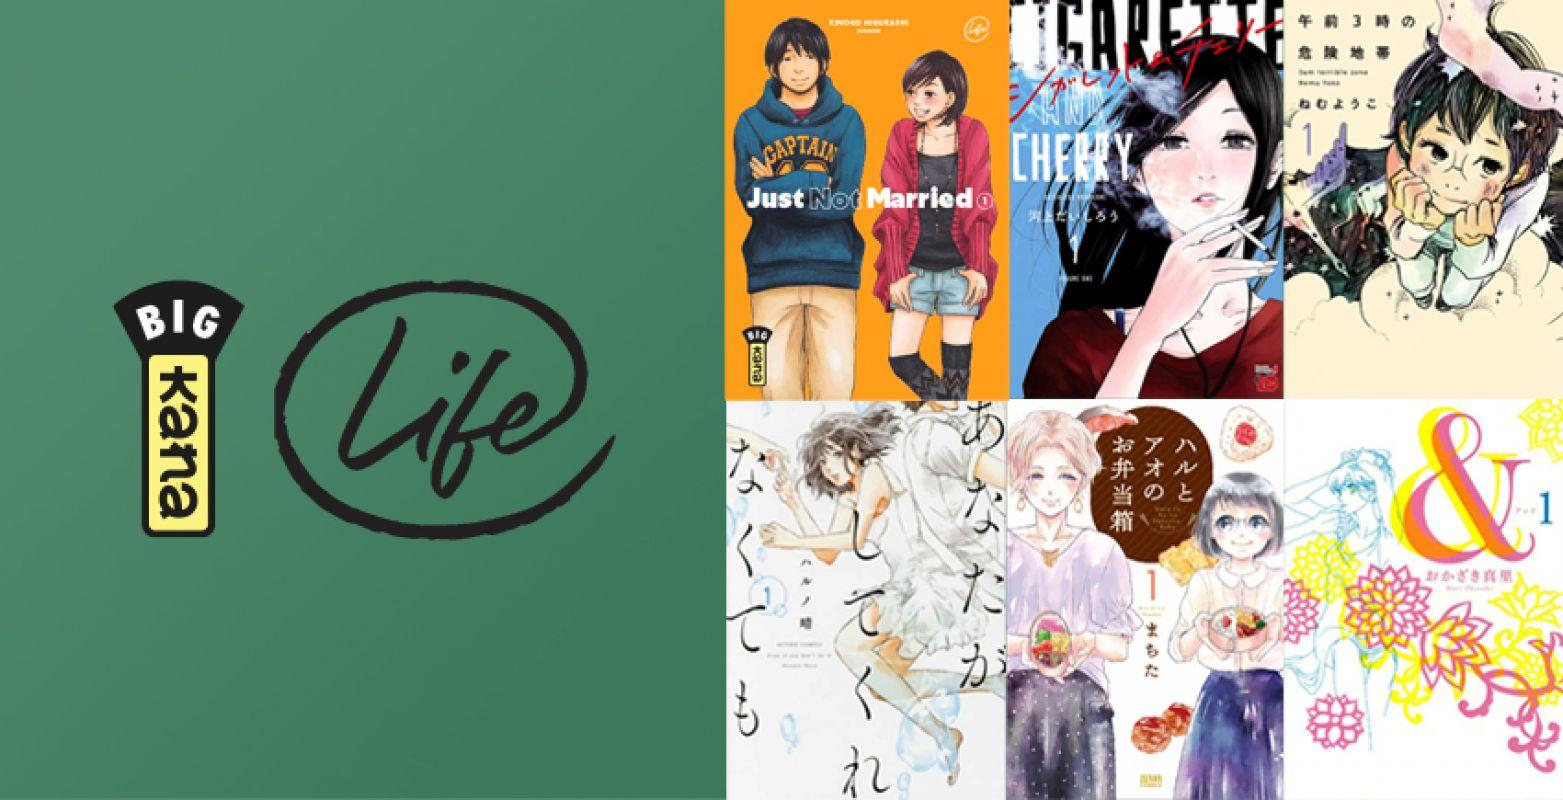 Kana lance sa nouvelle collection : Life !